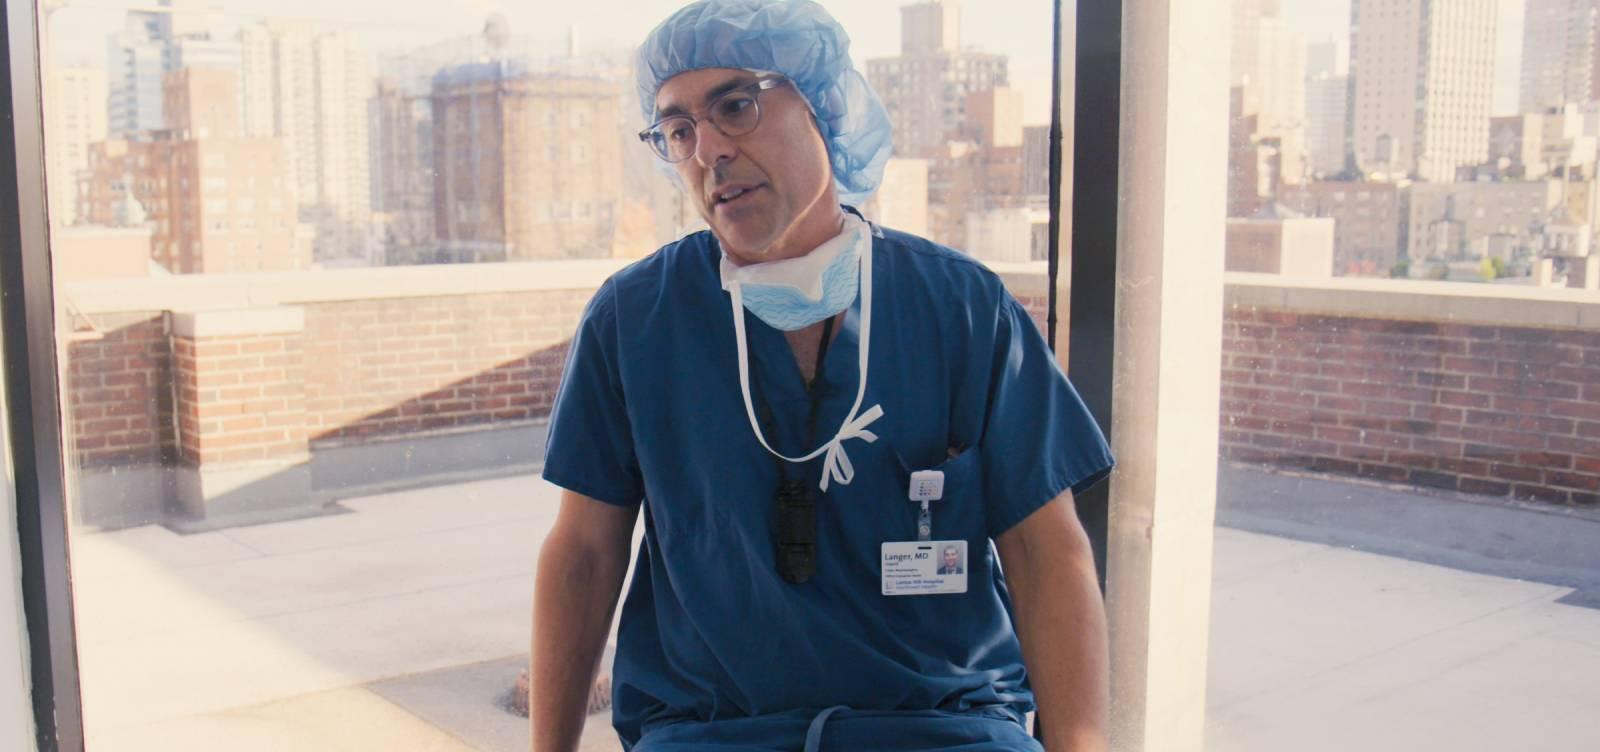 DR. DAVID LANGER in lenox hill